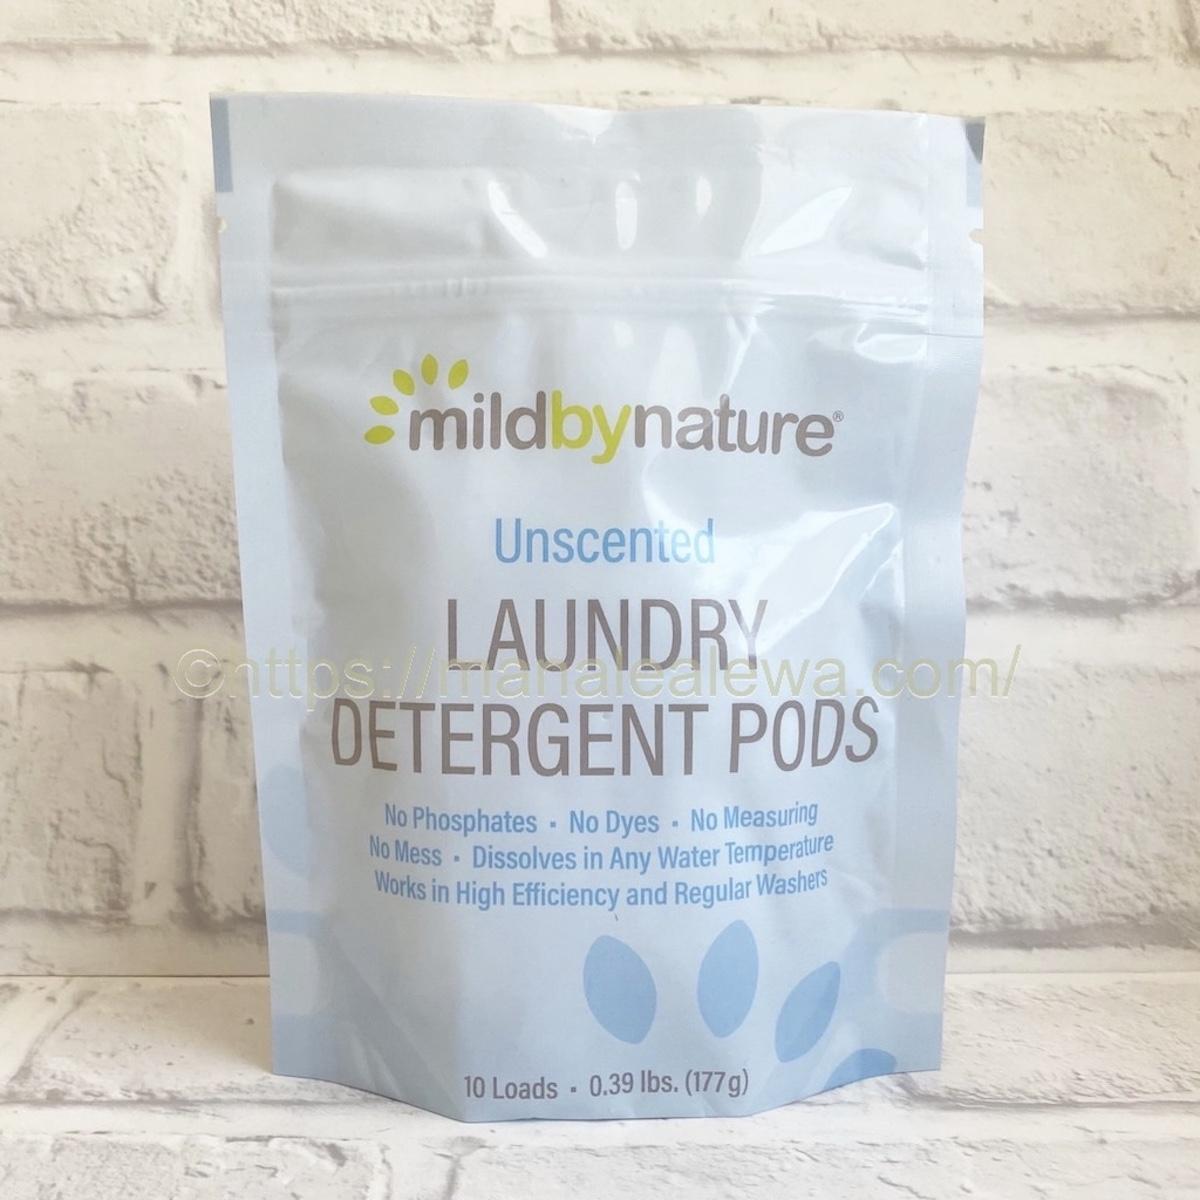 Mild-By-Nature-laudry-detergennt-pods